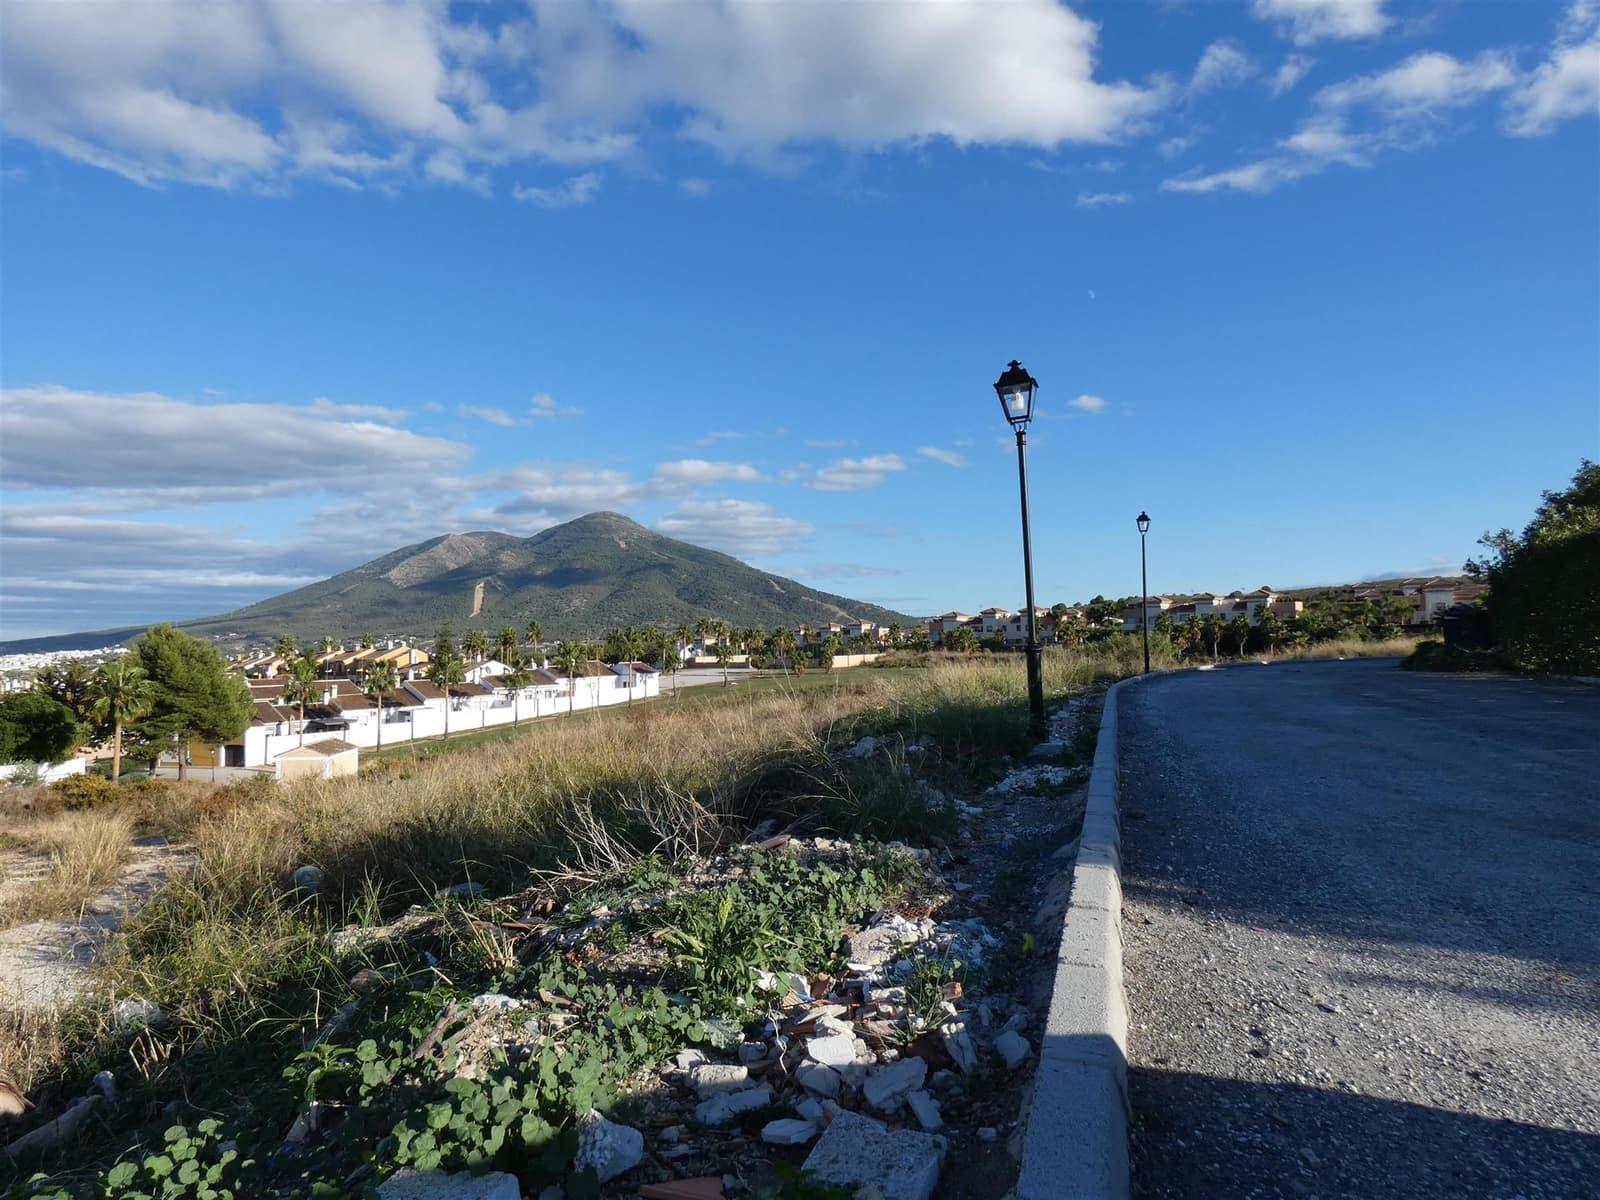 Terreno/Finca Rústica en Coín en venta - 1.100.000 € (Ref: 4858768)